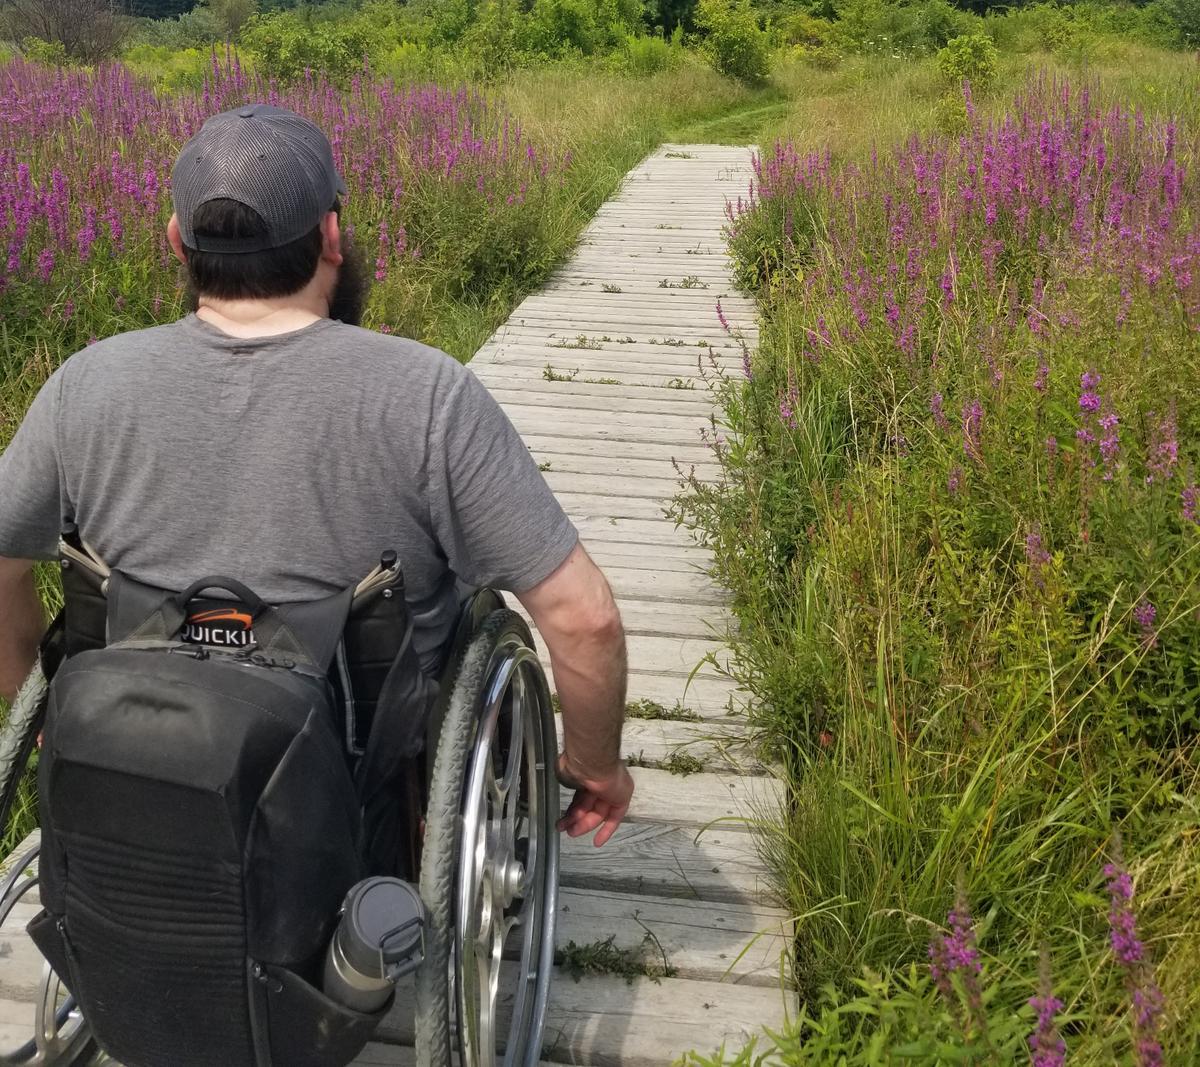 Enock crossing one of the boardwalks on Monty's Trail Loop. Photo credit: Enock Glidden